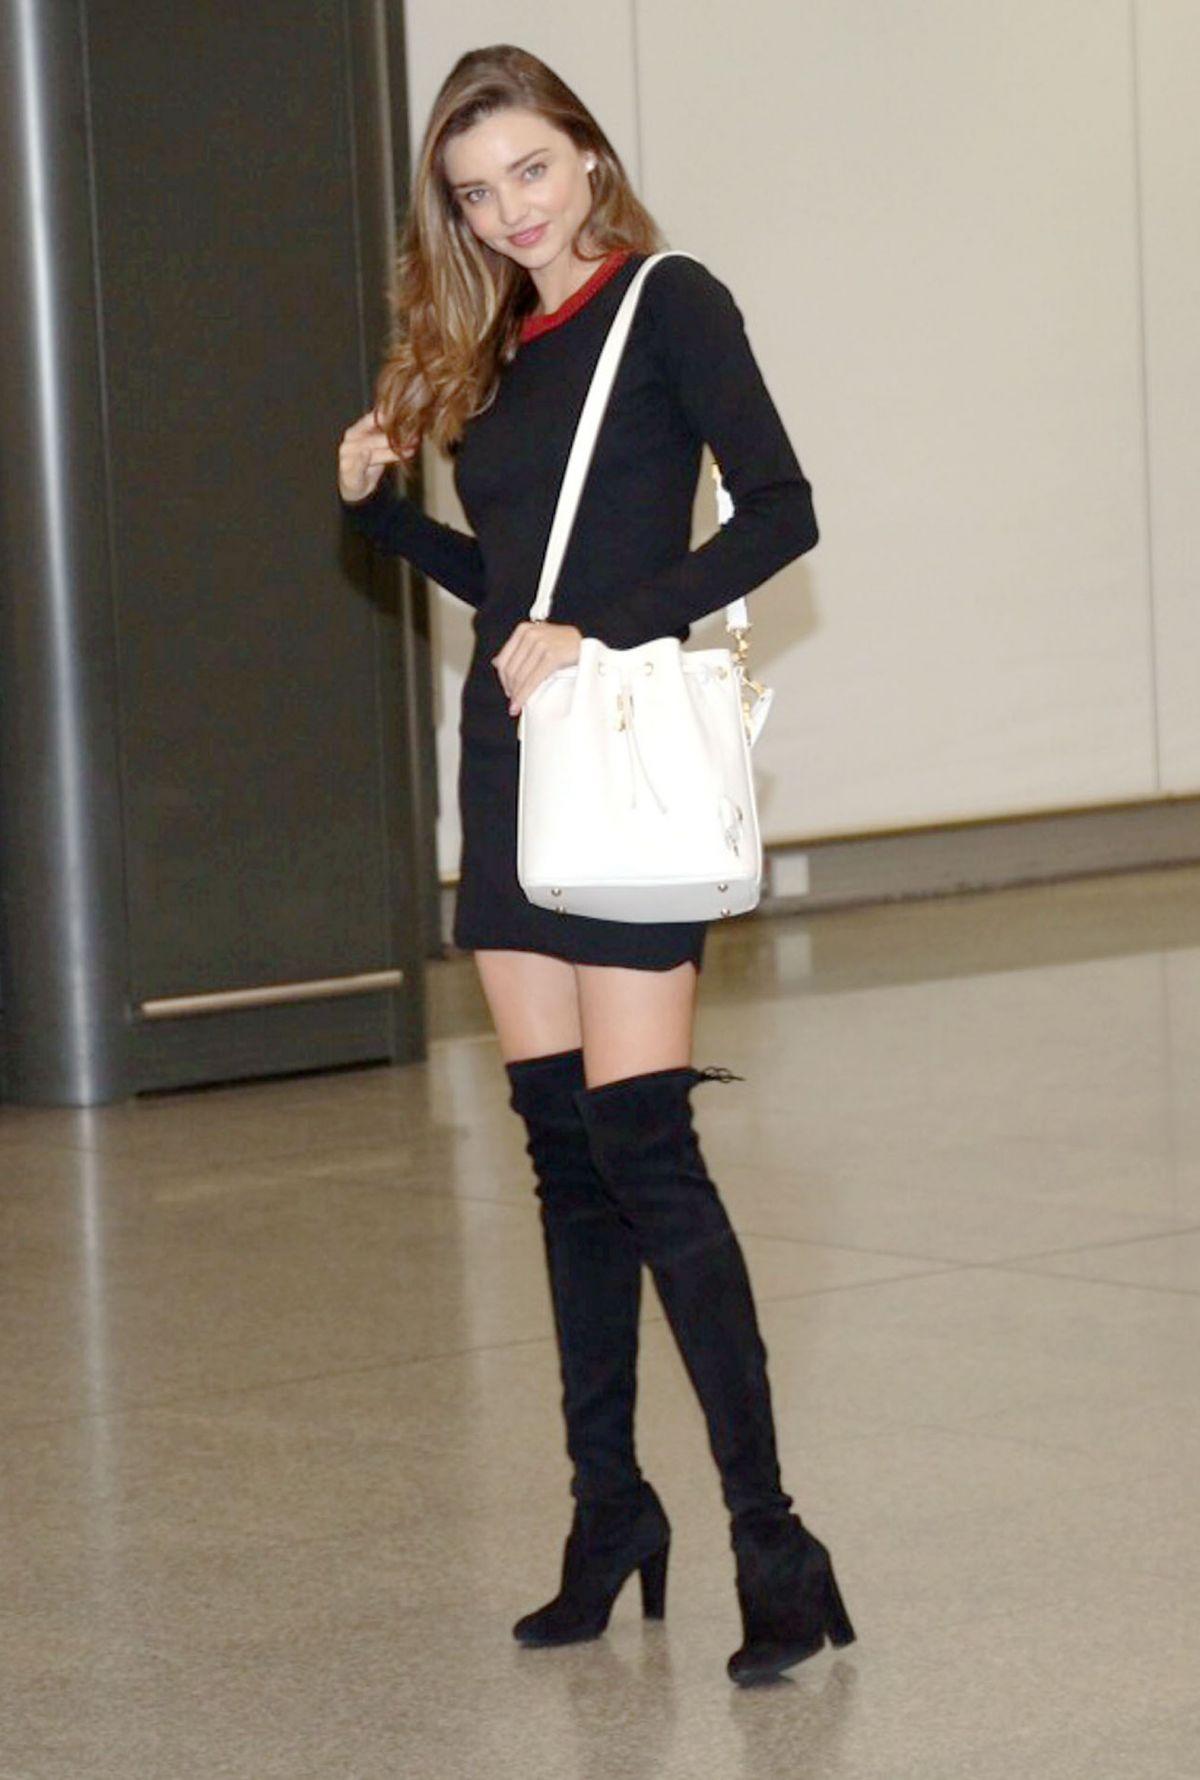 MIRANDA KERR in Over Knee Boots at Hong Kong International Airport